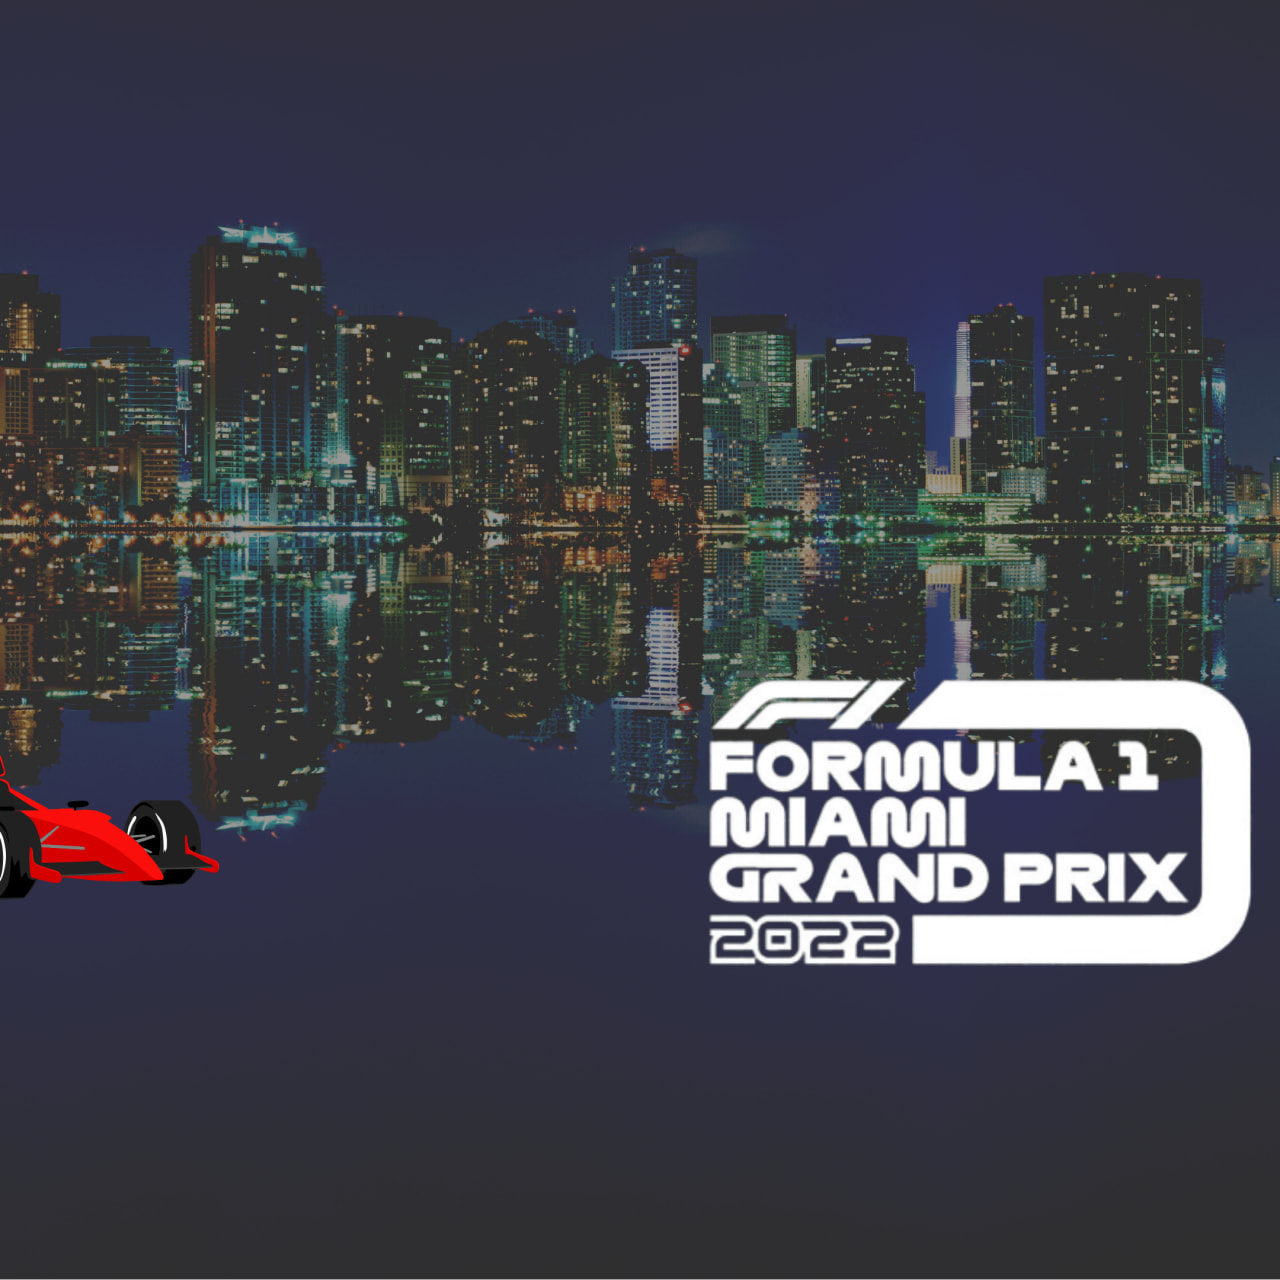 Formula 1 comes to Miami